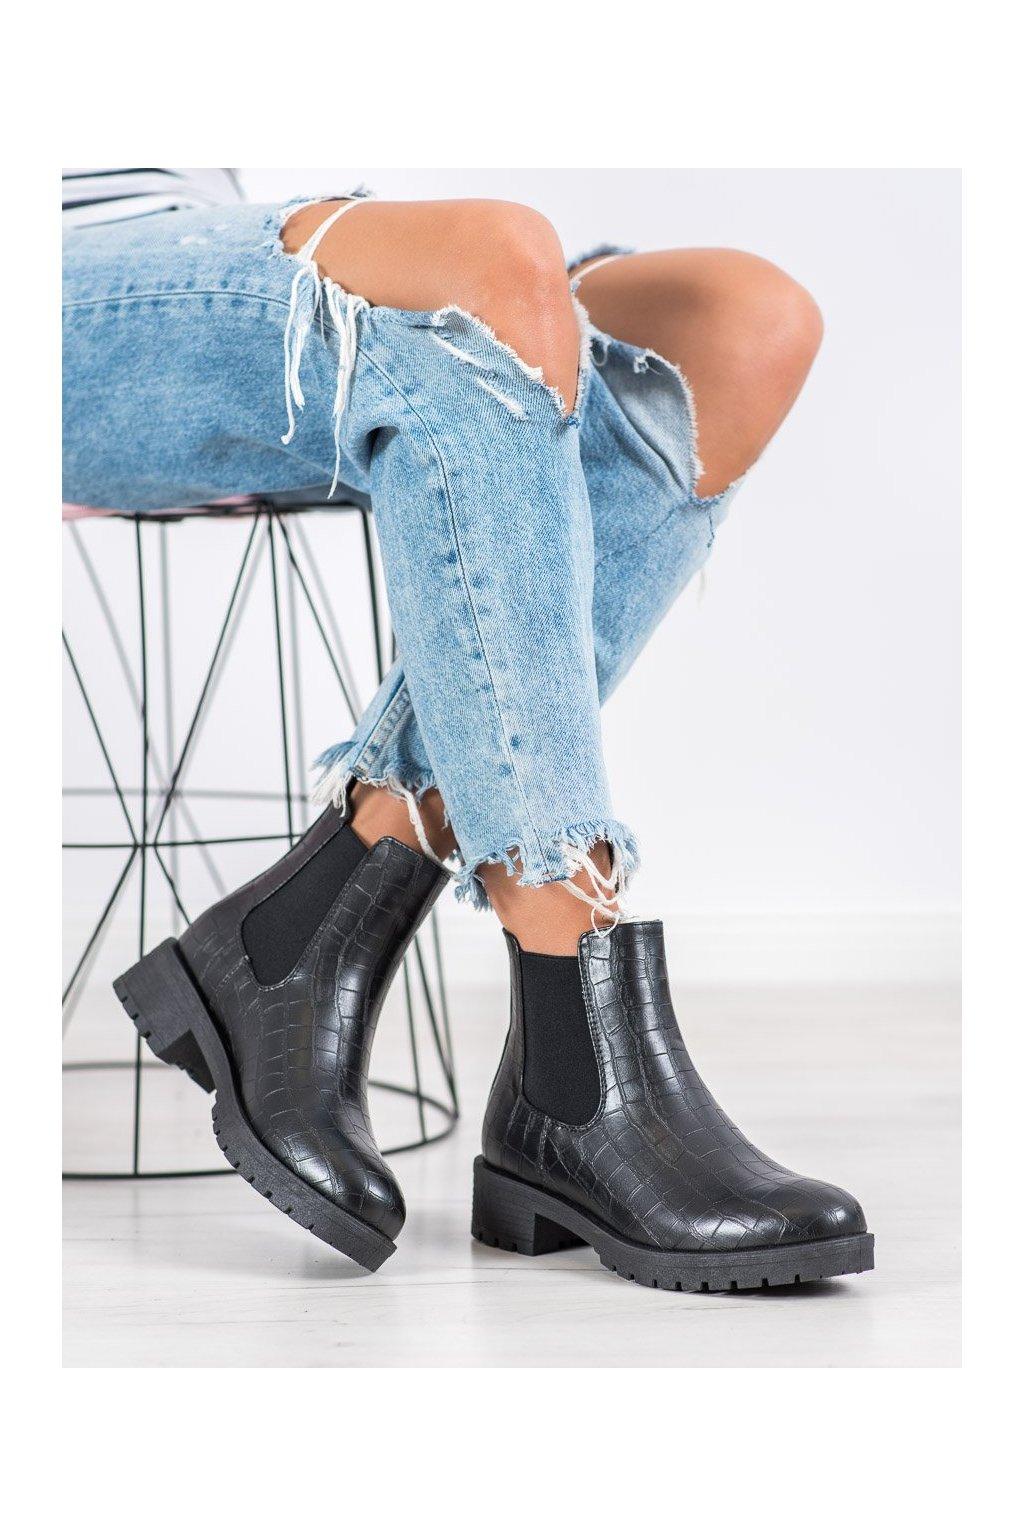 Čierne dámske topánky Bella paris kod BK906B